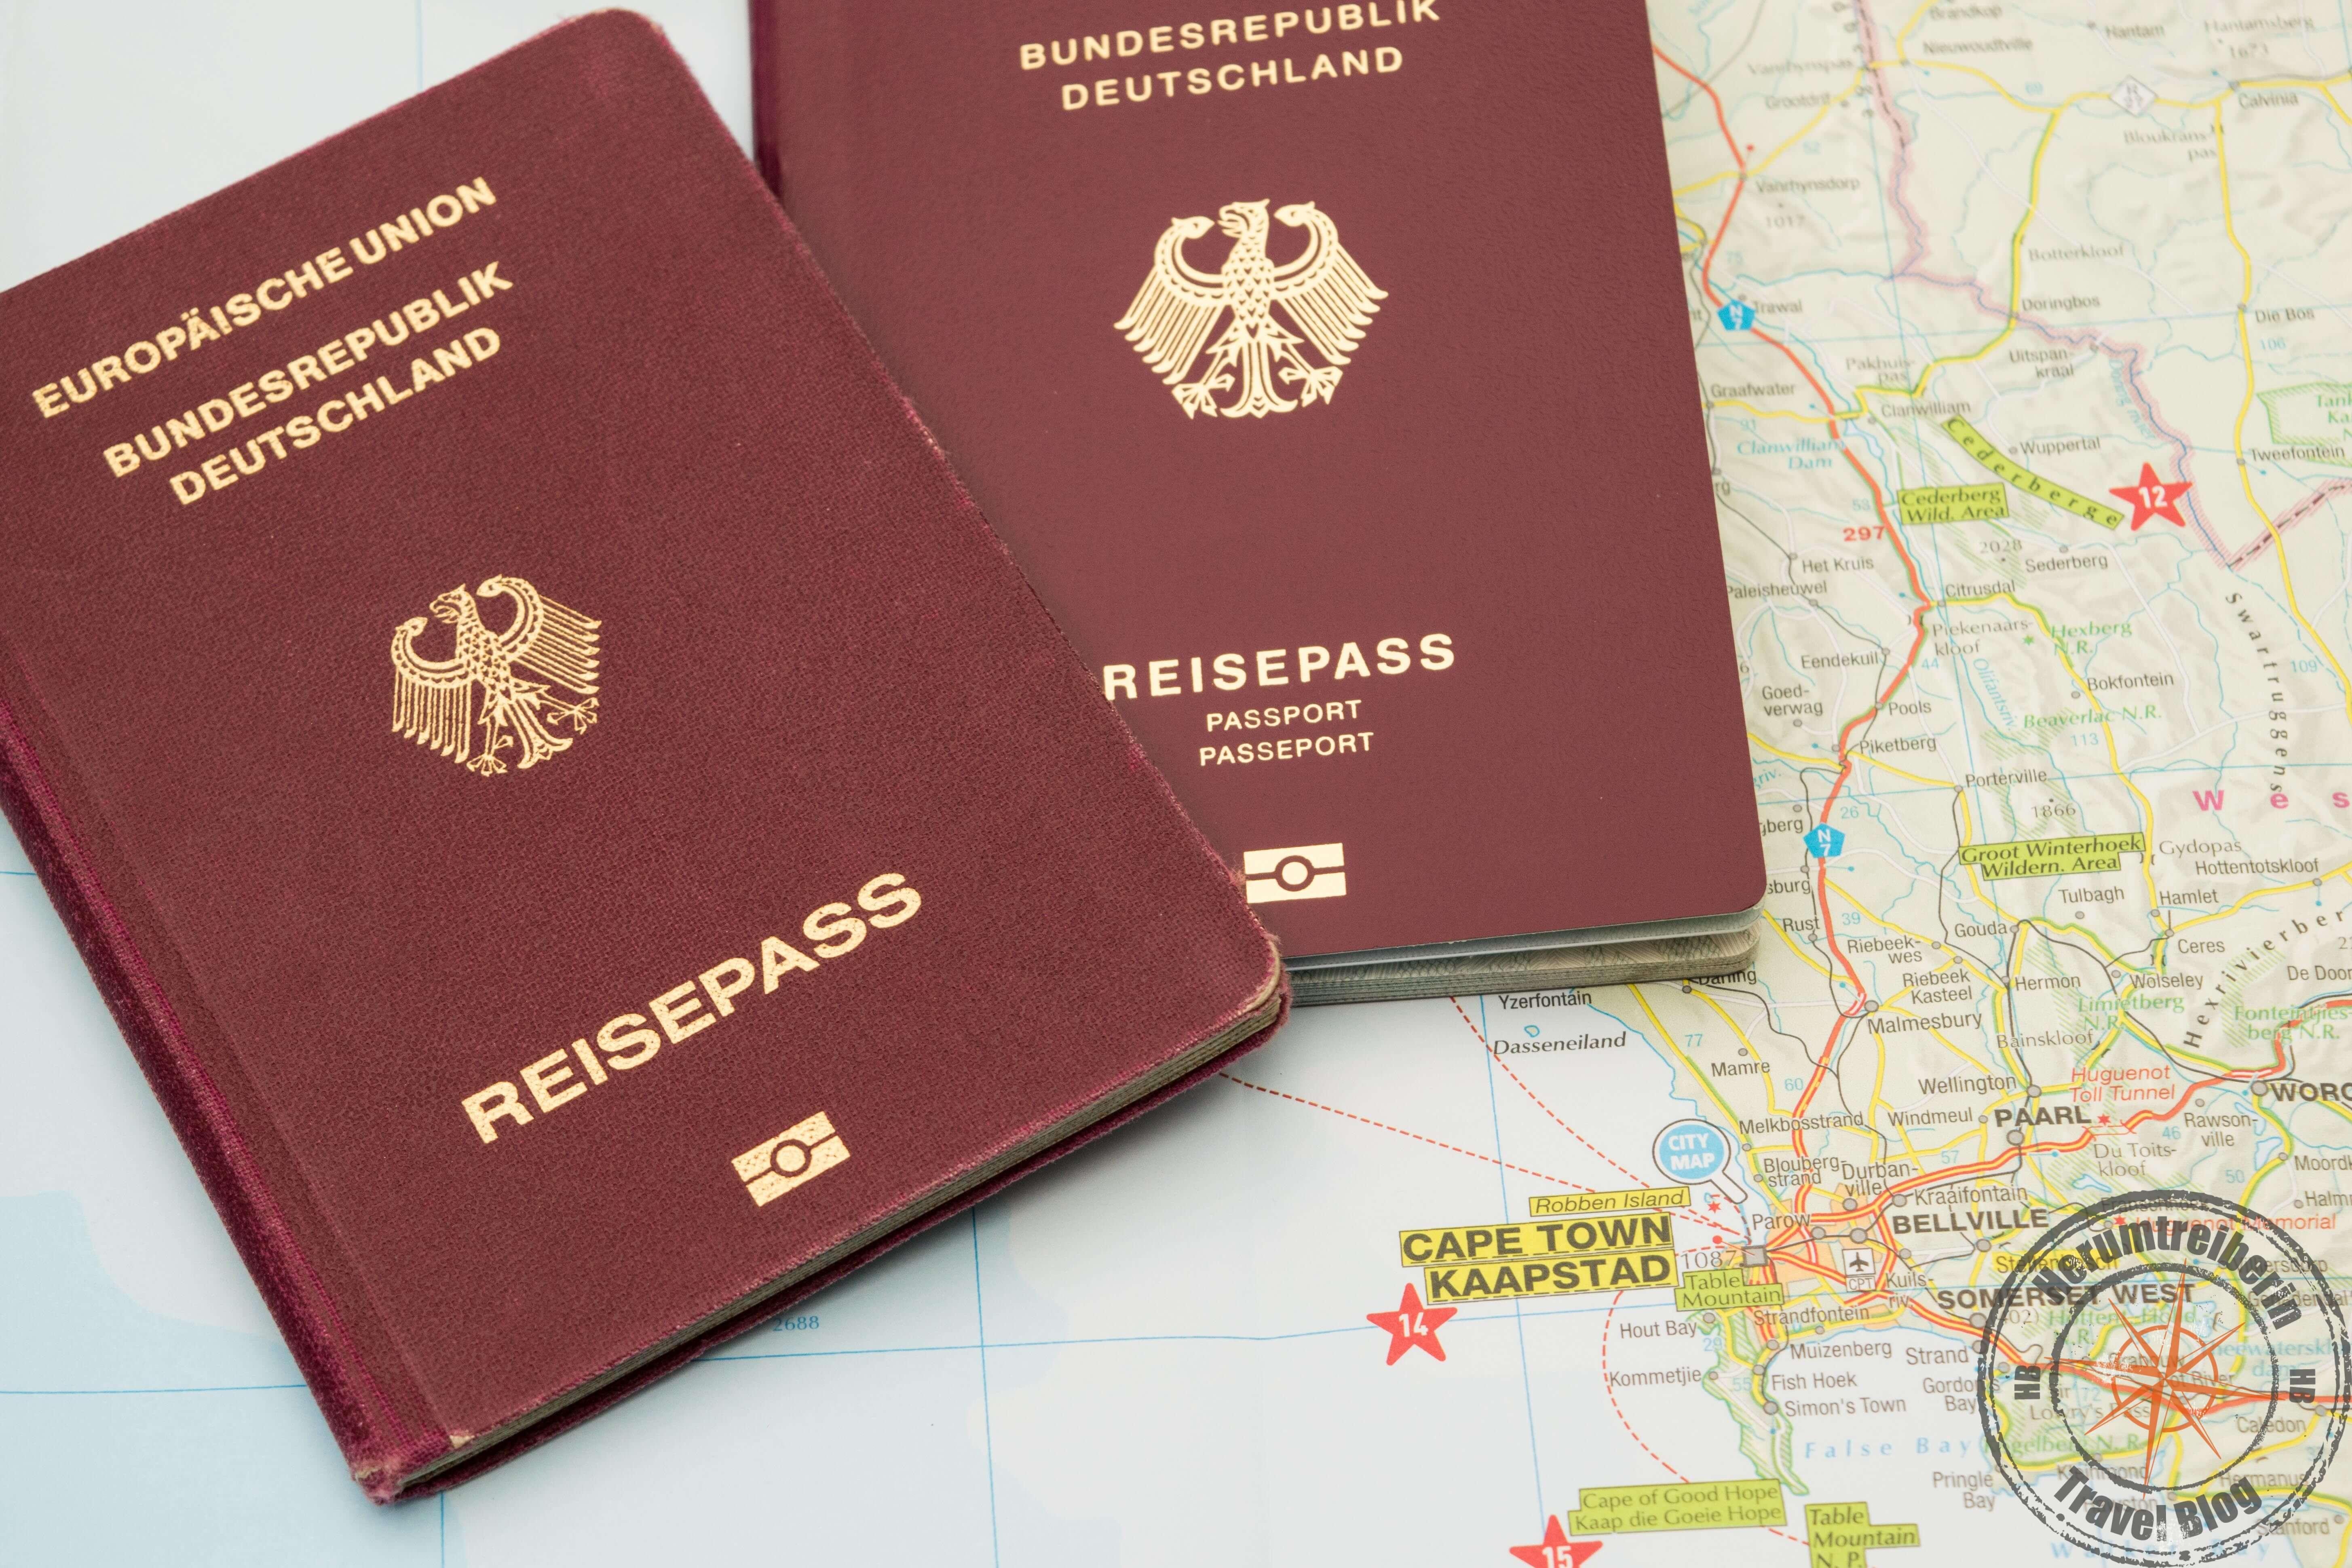 Abgelaufen russischer pass Pass abgelaufen